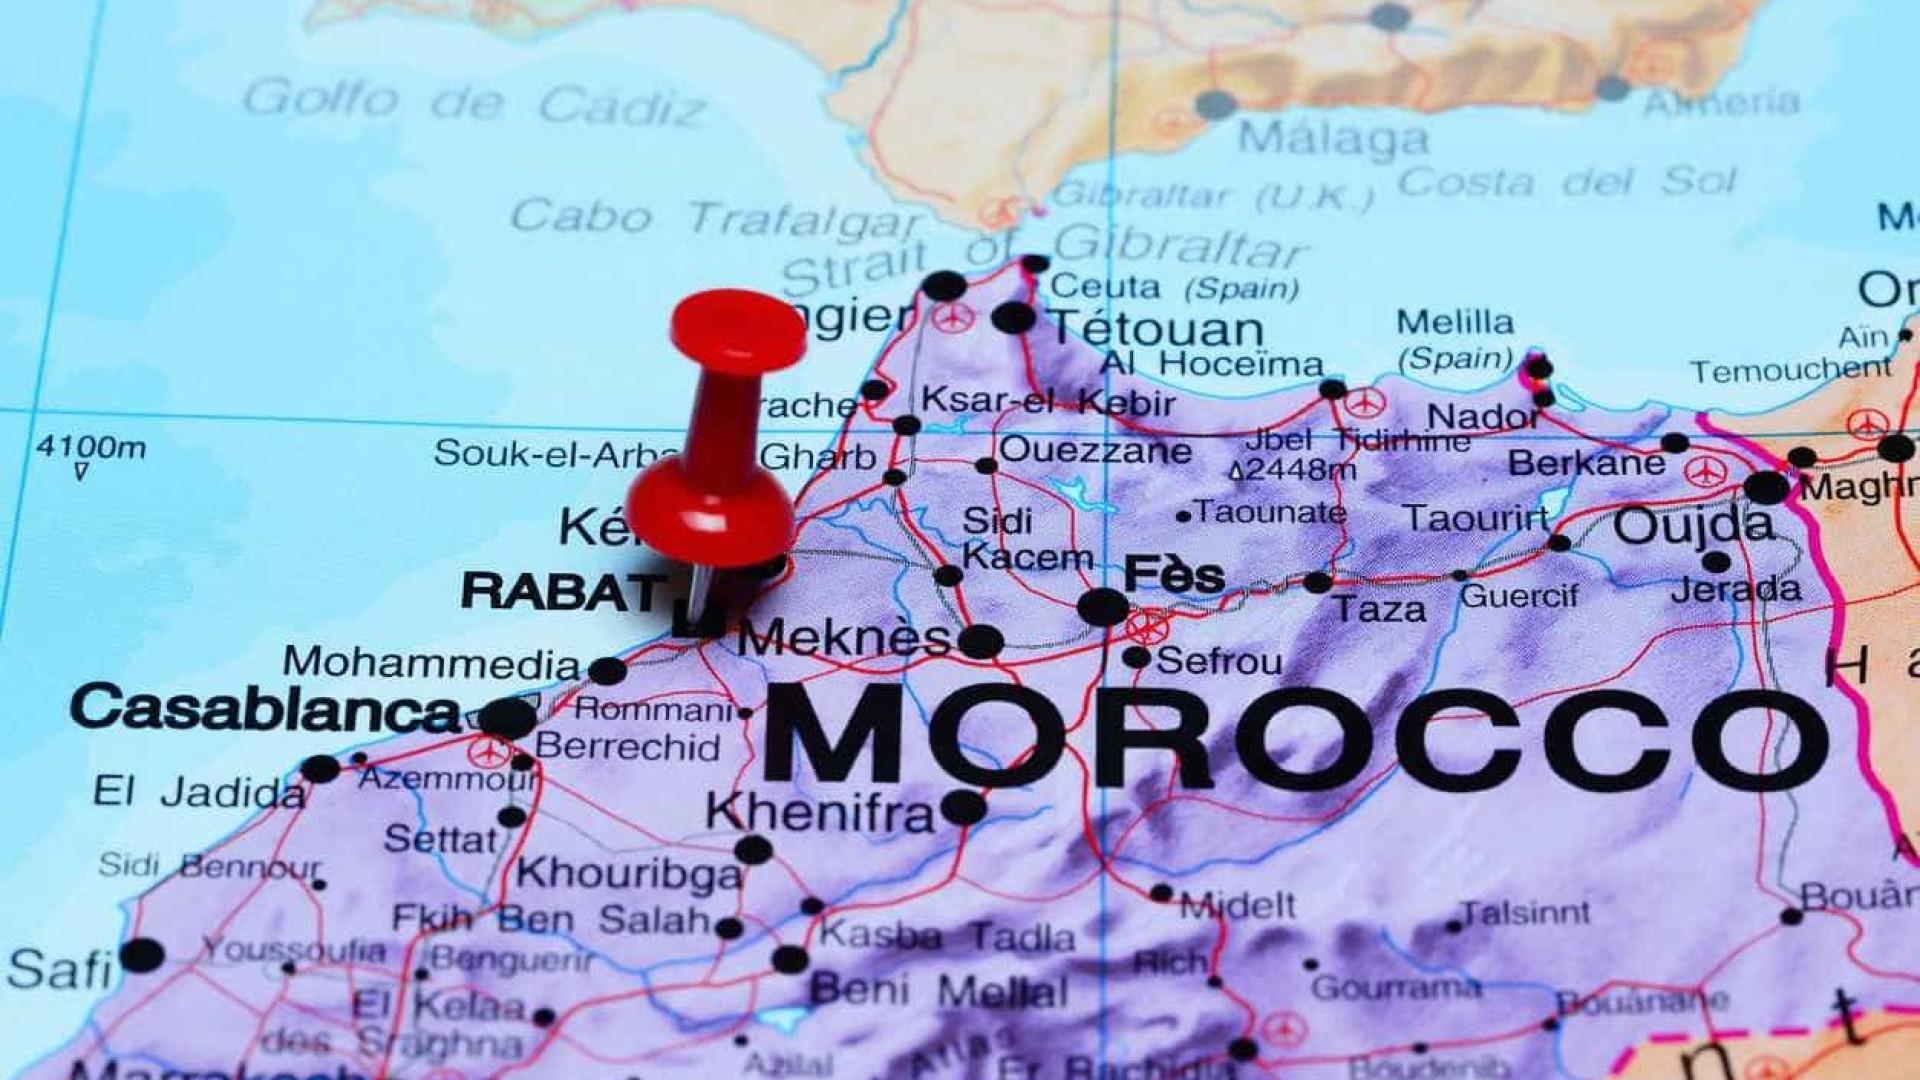 Marrocos convoca embaixada dos EUA para entregar carta de protesto